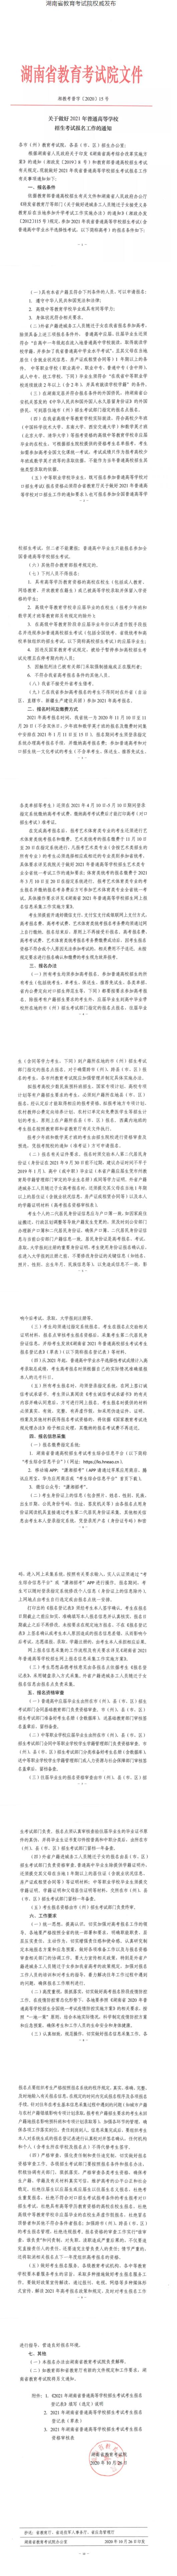 湖南省关于做好2021年普通高等学校招生考试报名工作的通知